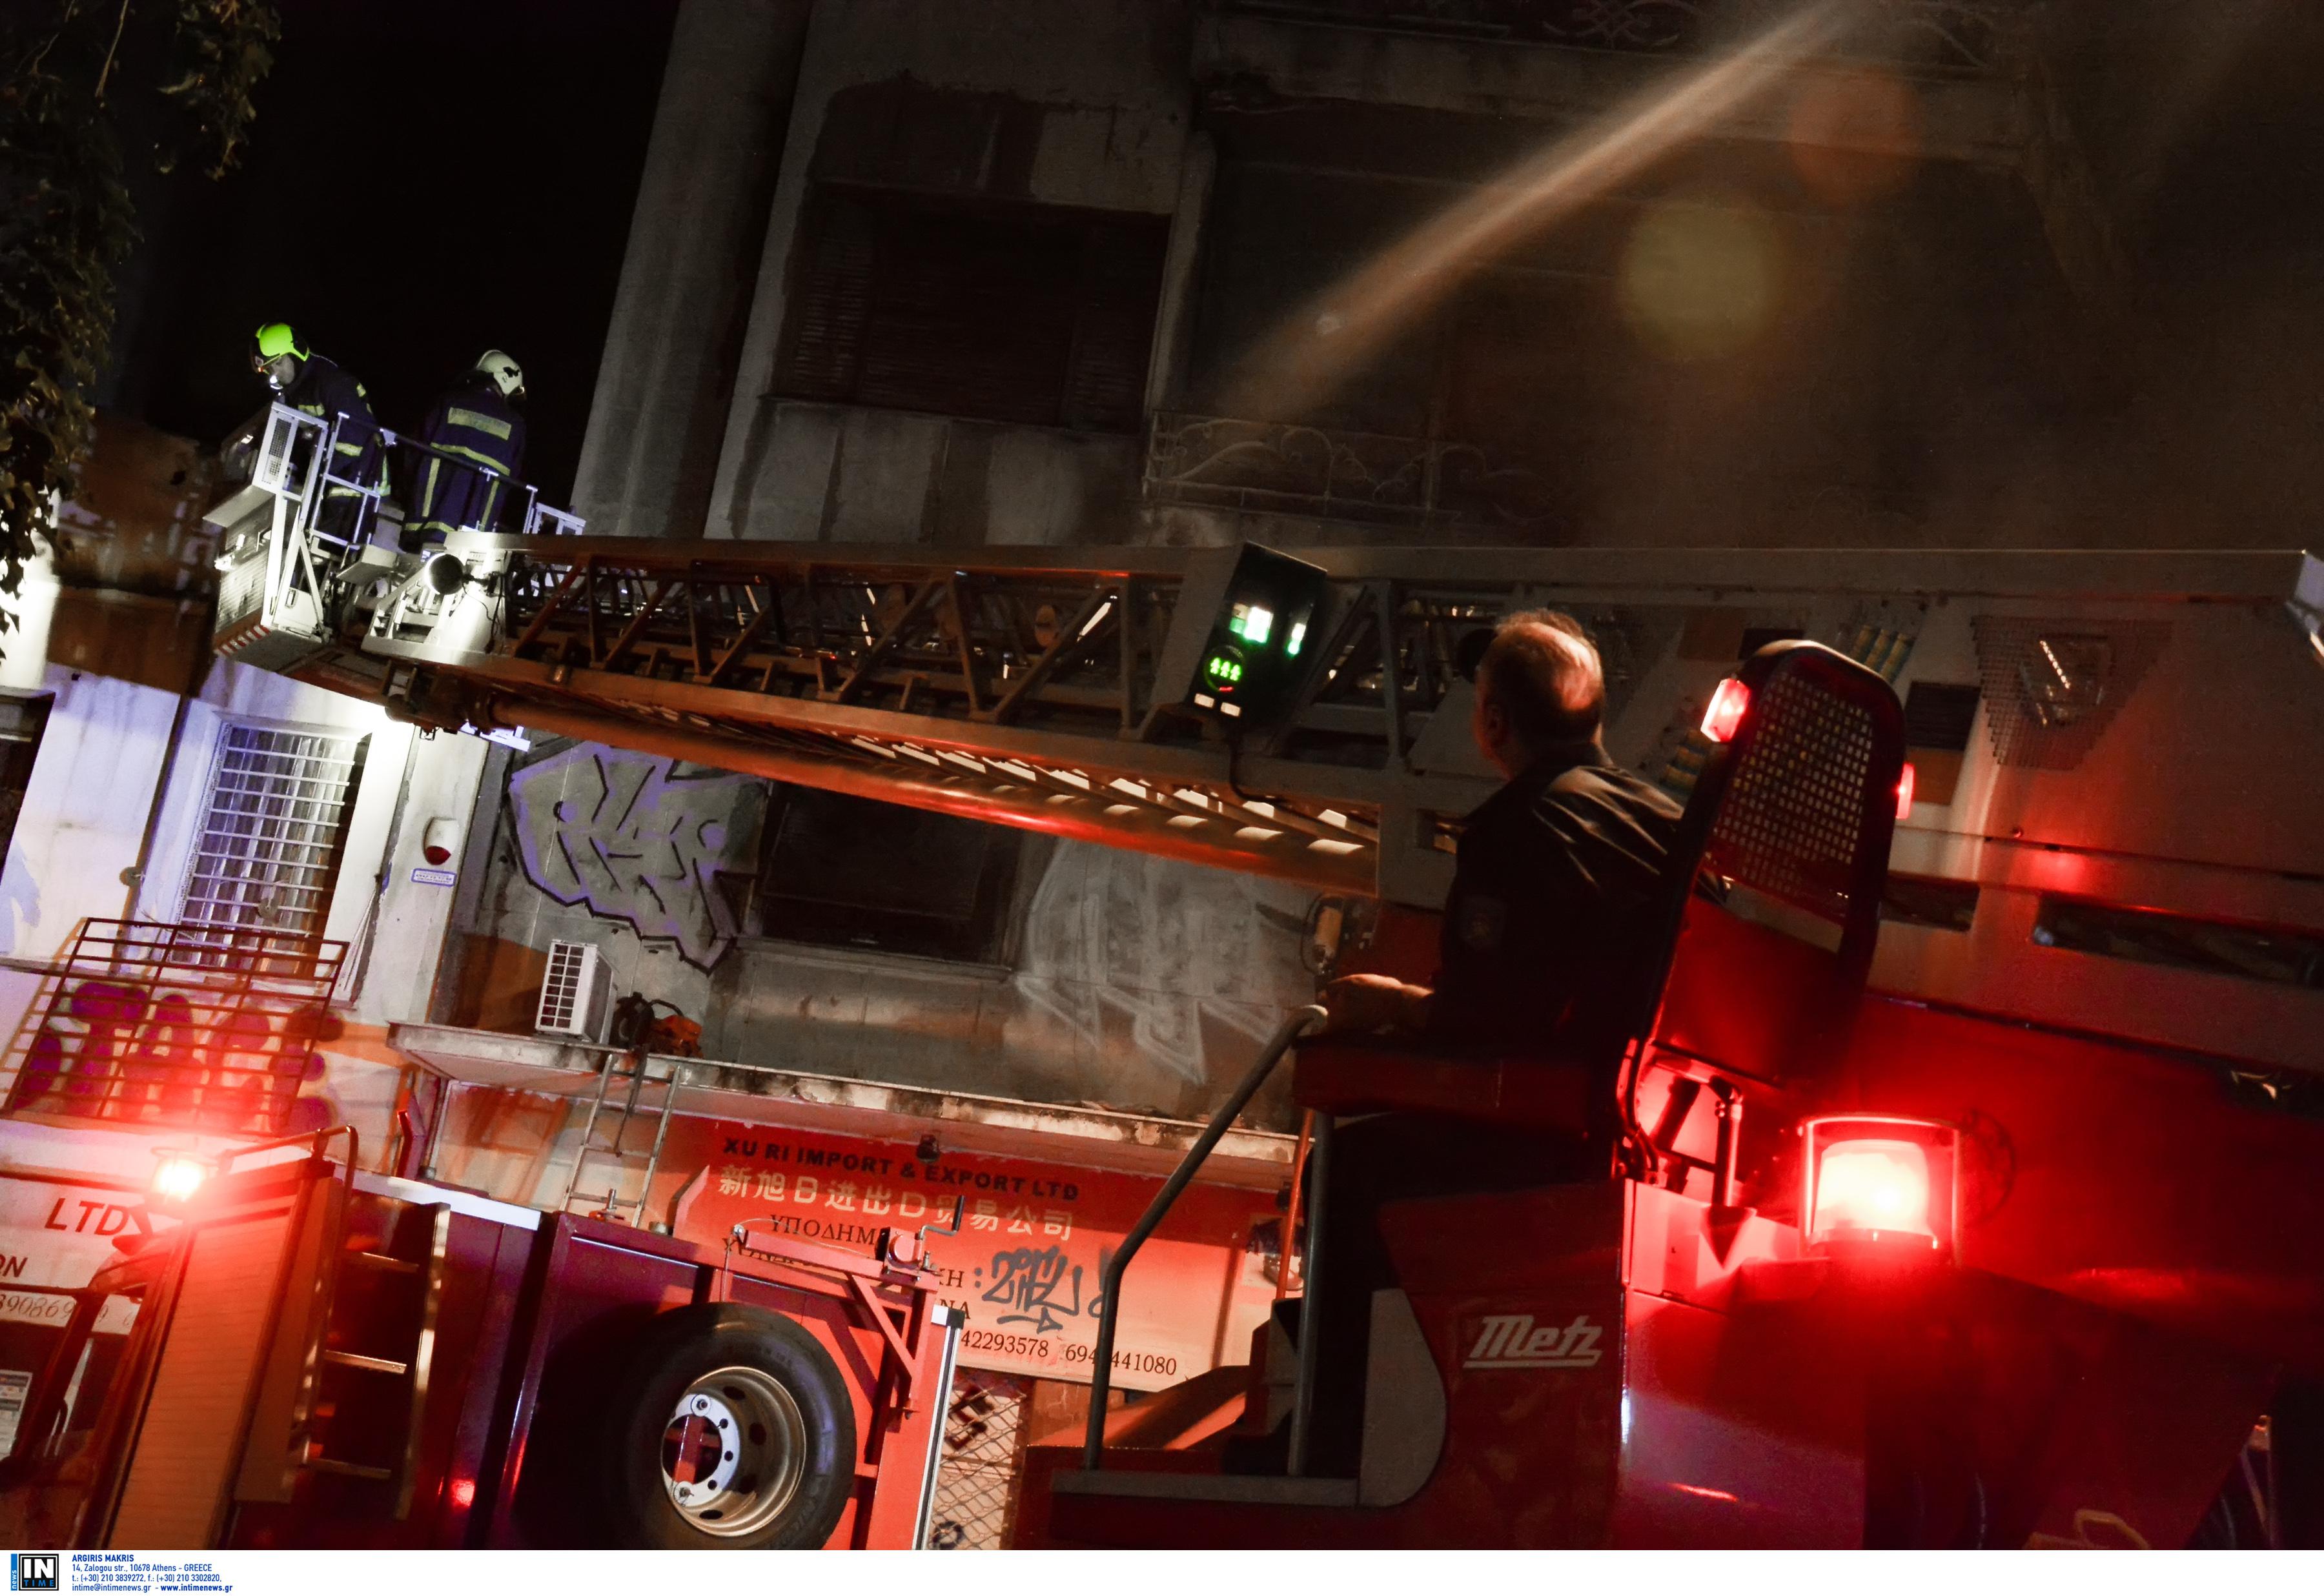 Ηράκλειο: Νέα φωτιά κινητοποίησε την Πυροσβεστική